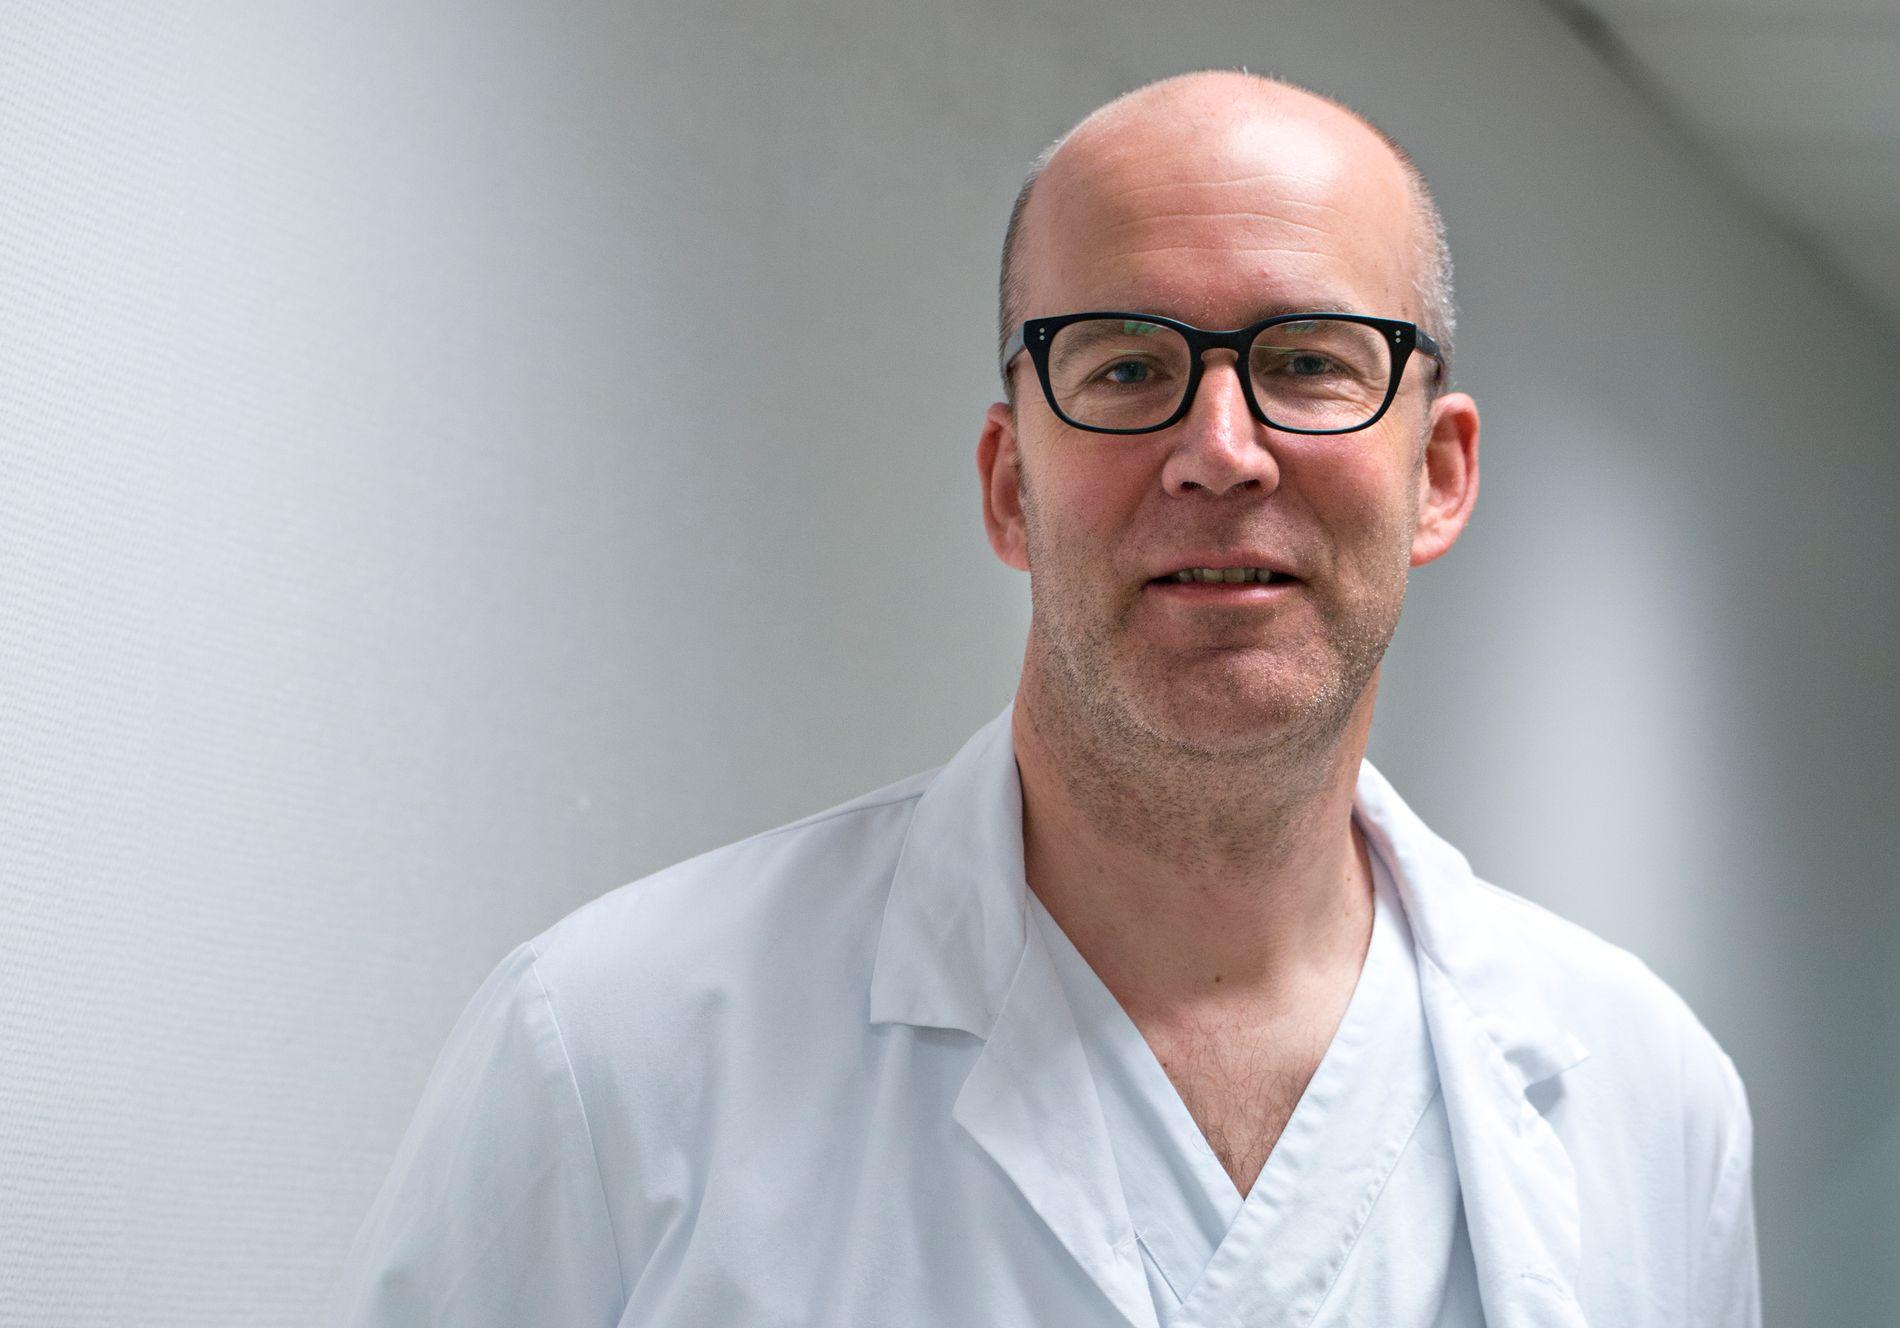 LOVENDE: – Dette er lovende, selv om det gjenstår mye arbeid med å dokumentere effekten av medisinen, sier forsker Oddbjørn Straume ved Haukeland universitetssjukehus. Han leder en av studiene.